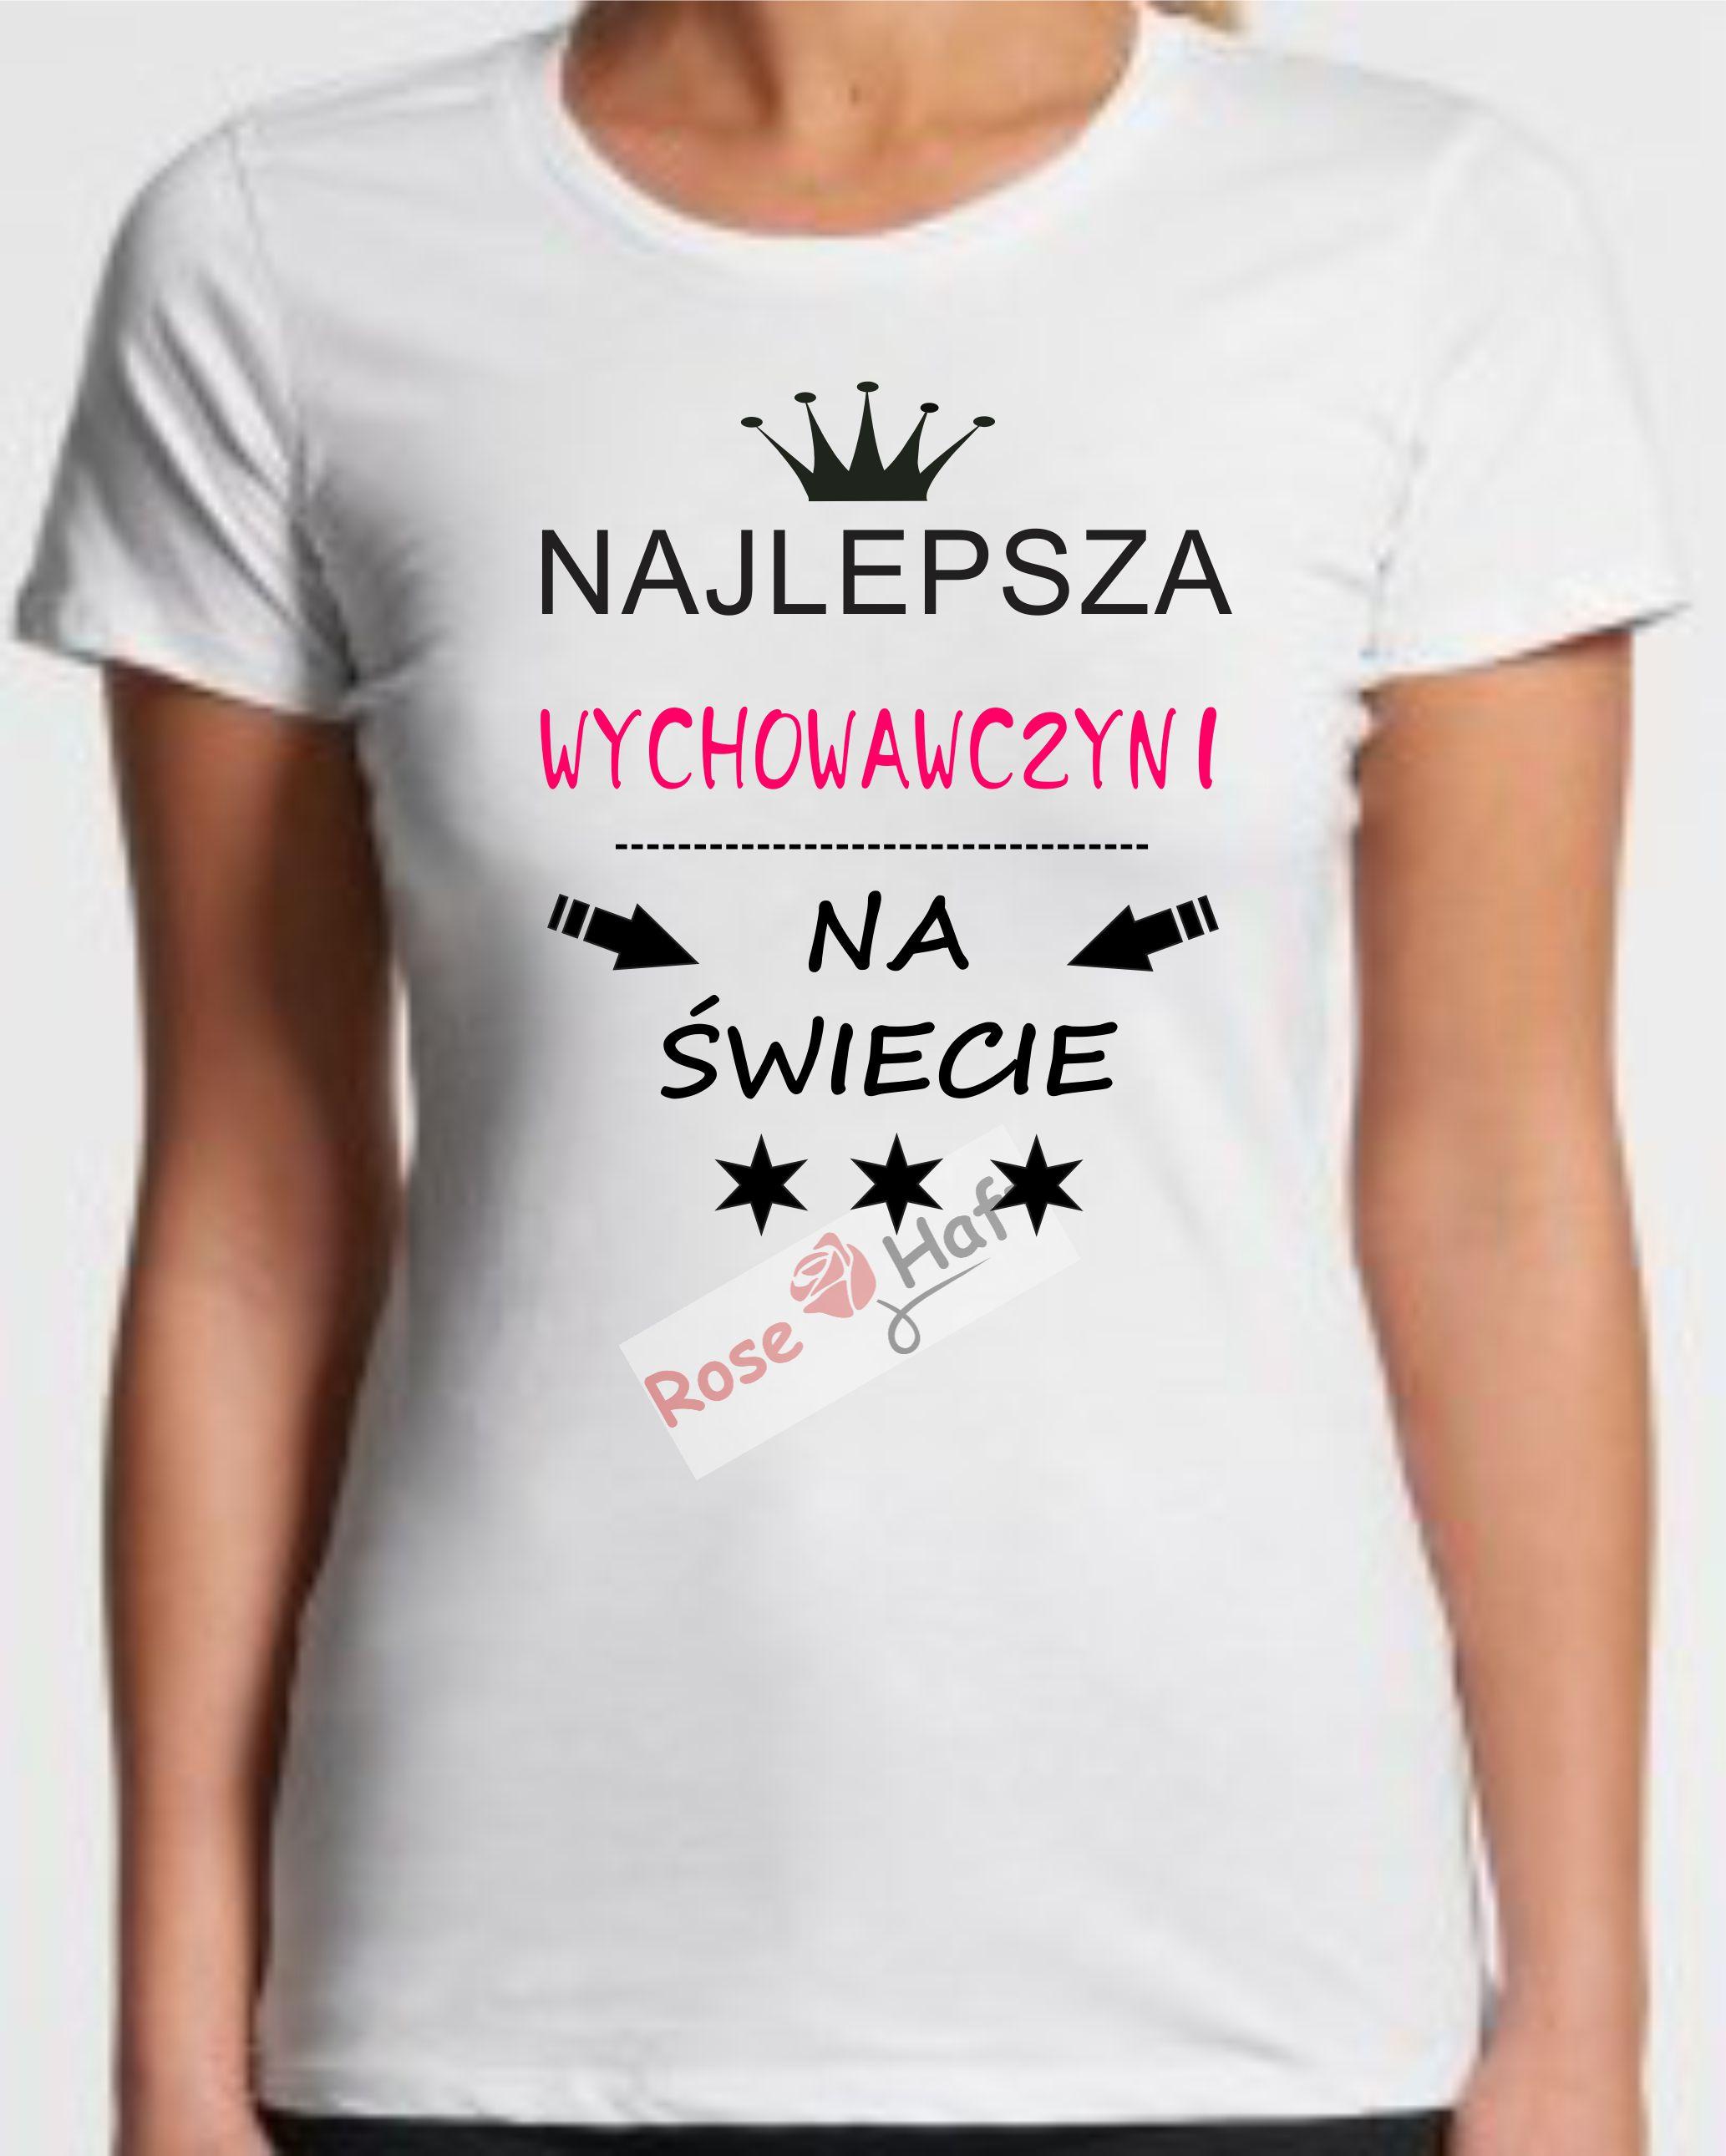 Szukam Seksu Szczecin Gumience Czat W Domu Ogromne Czarne